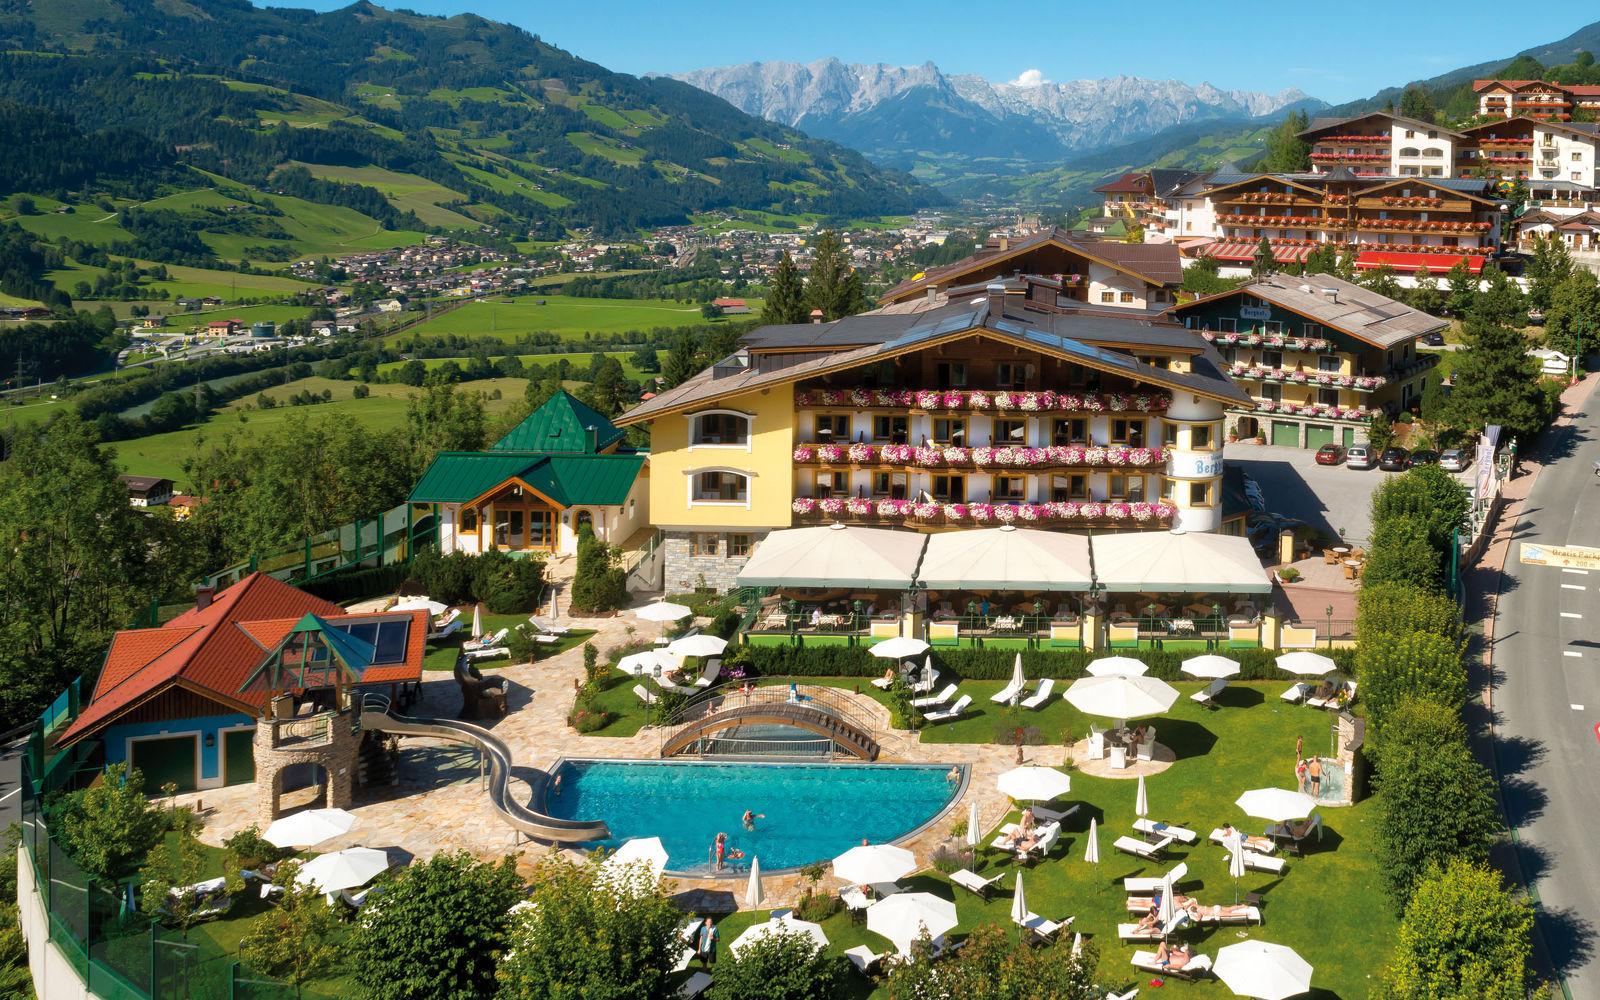 Verw hnhotel berghof s in st johann im pongau ihr top for 4 sterne hotel dortmund